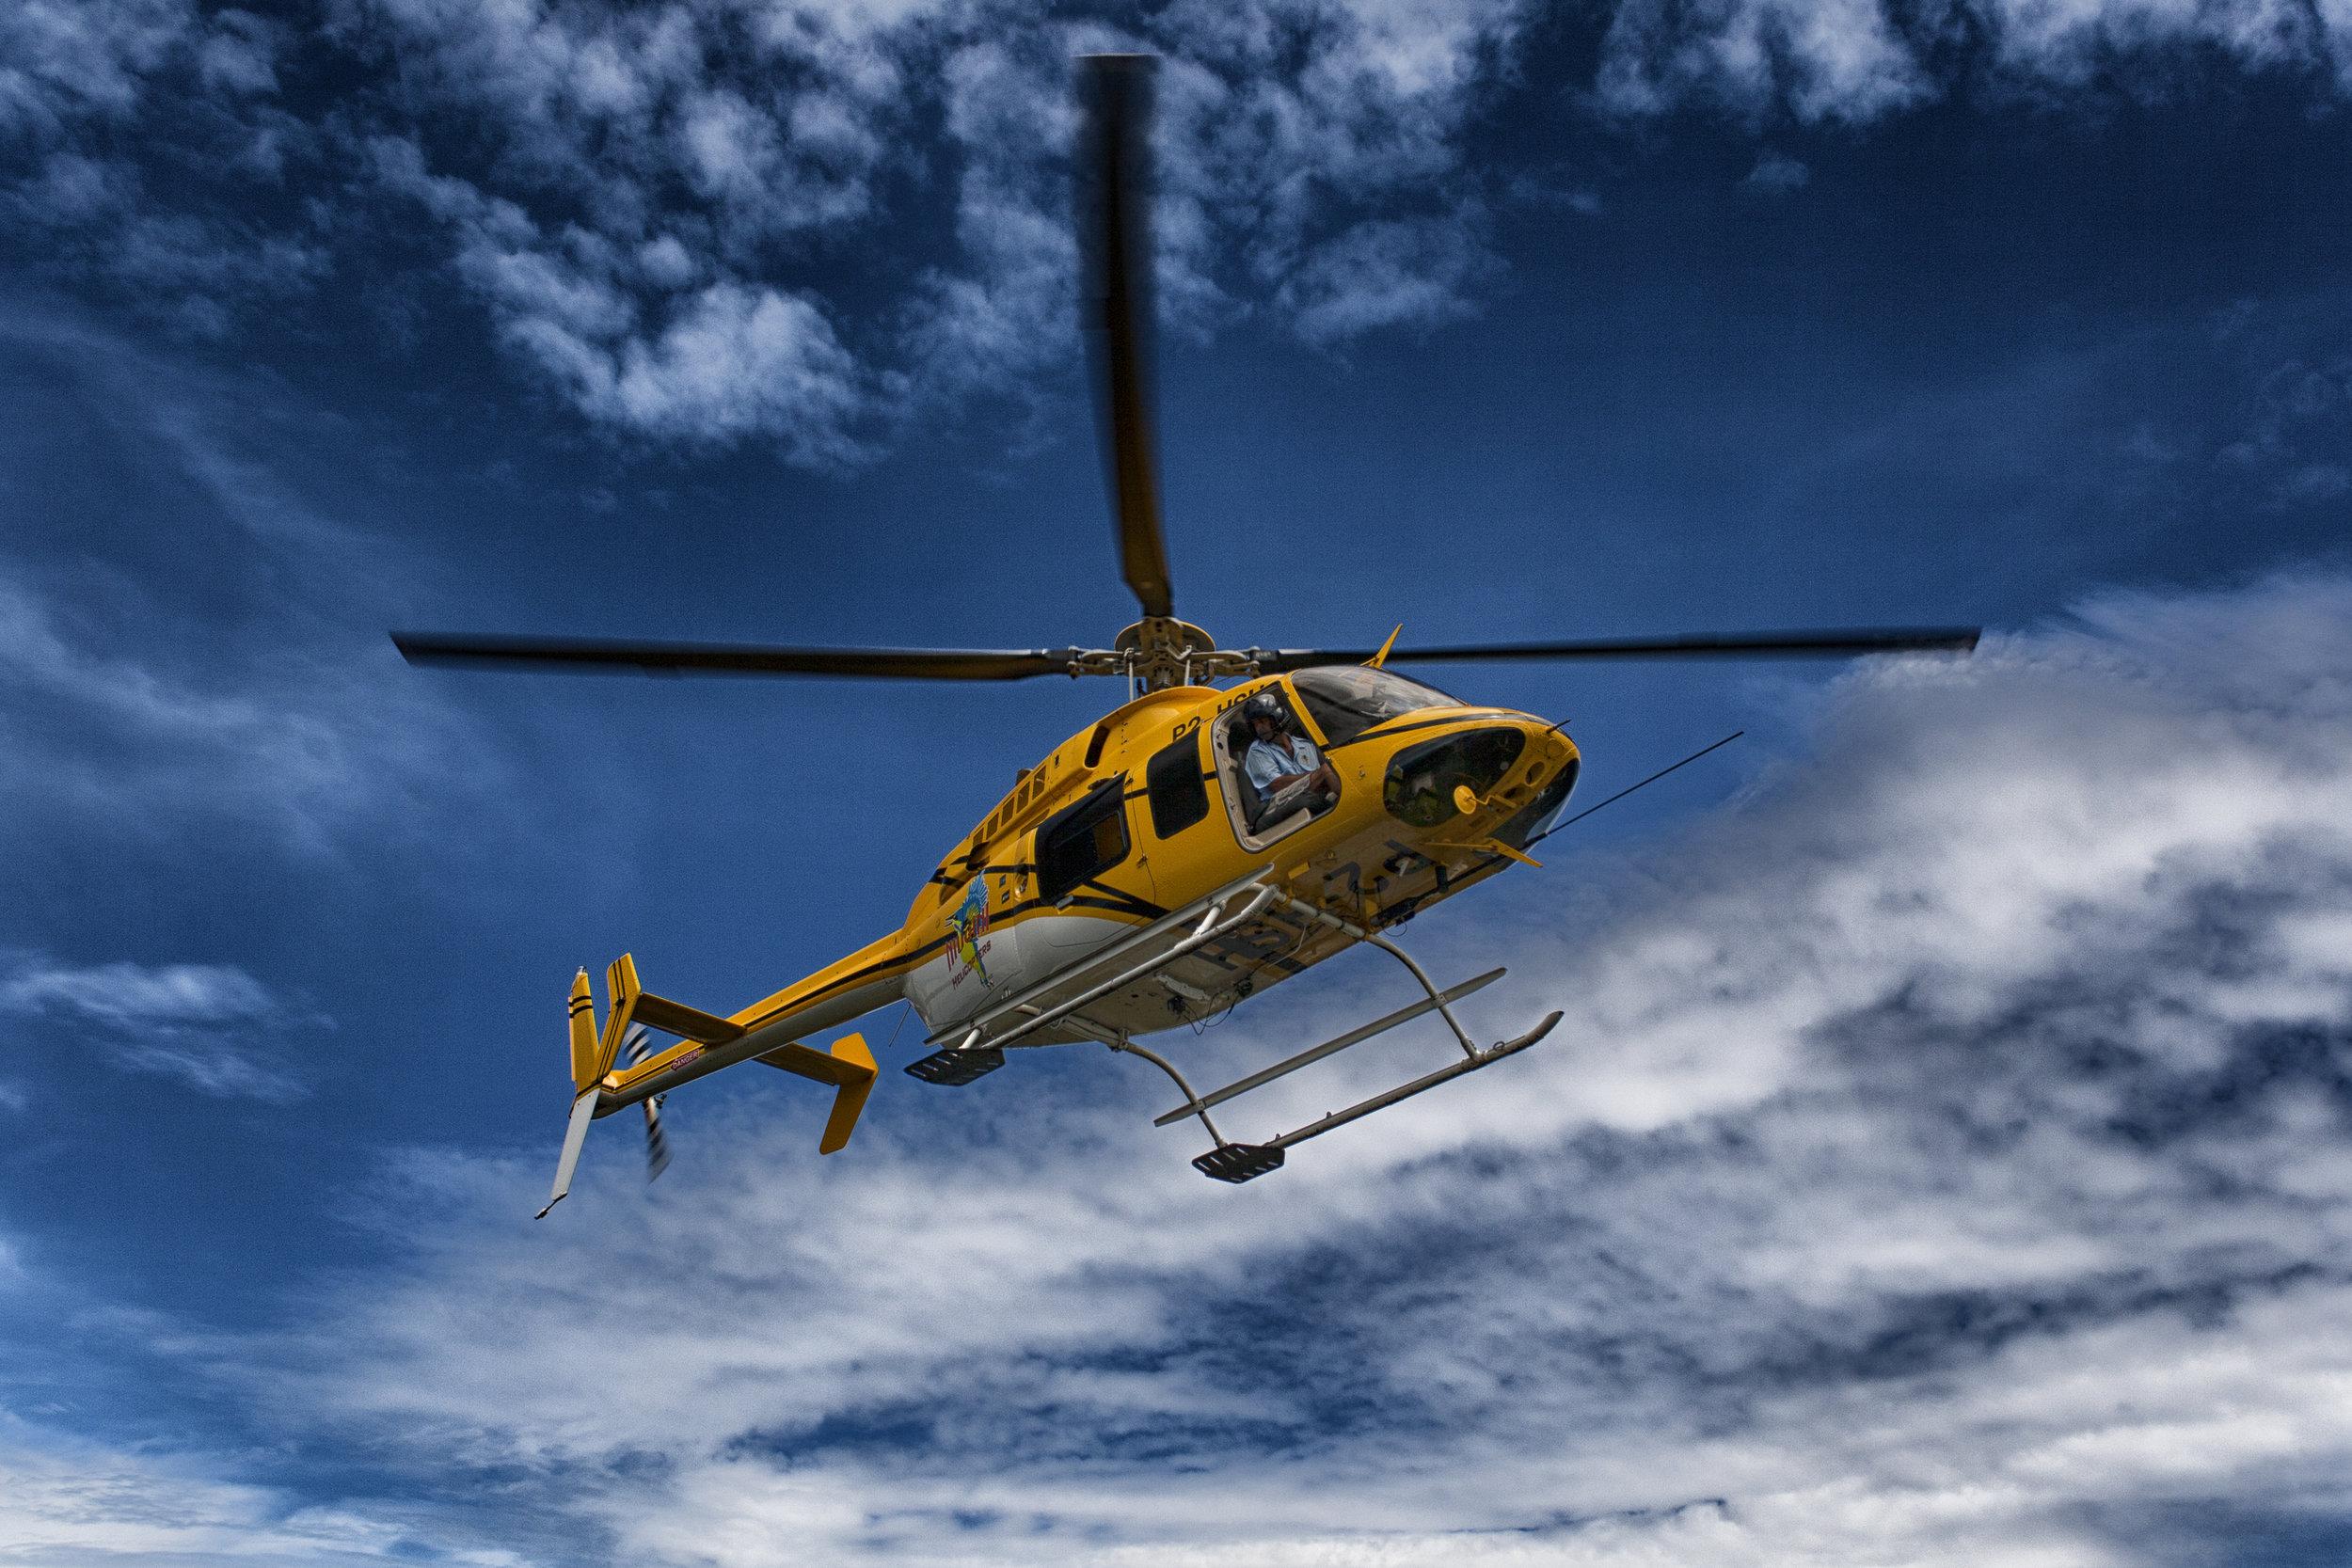 HSH.aerial.shot.jpg